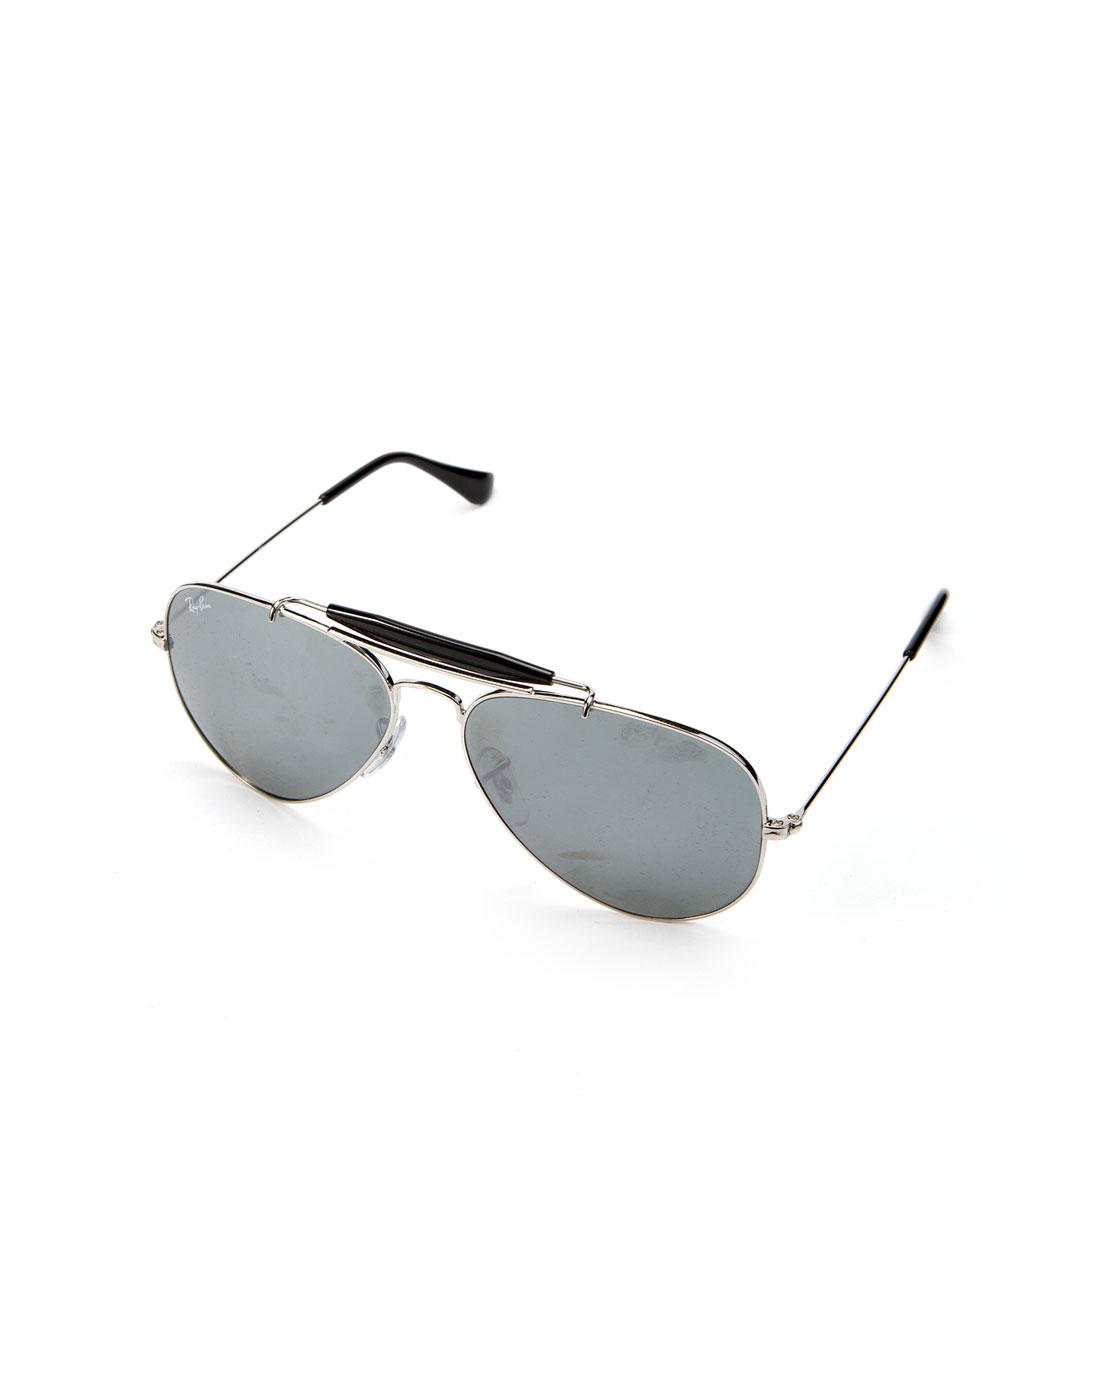 太阳眼镜专场雷朋rayban 银/深灰休闲太阳眼镜